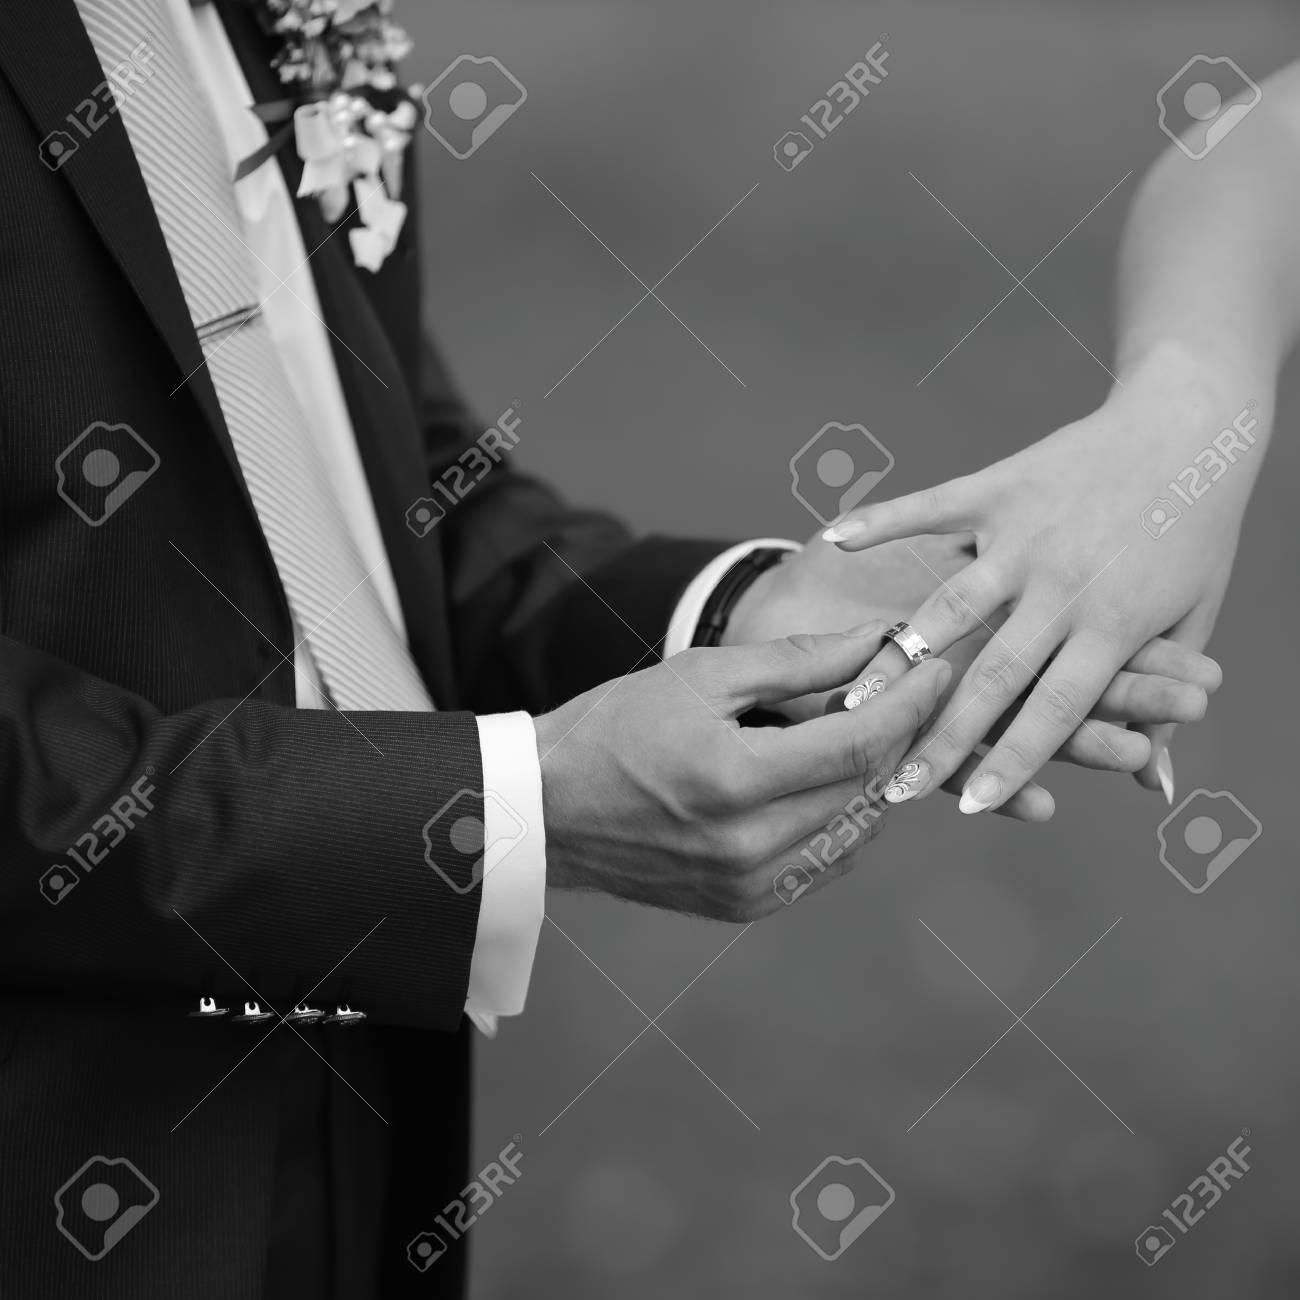 Hande Von Hochzeitspaaren Bild In Schwarzweiss Zusammengehorigkeit